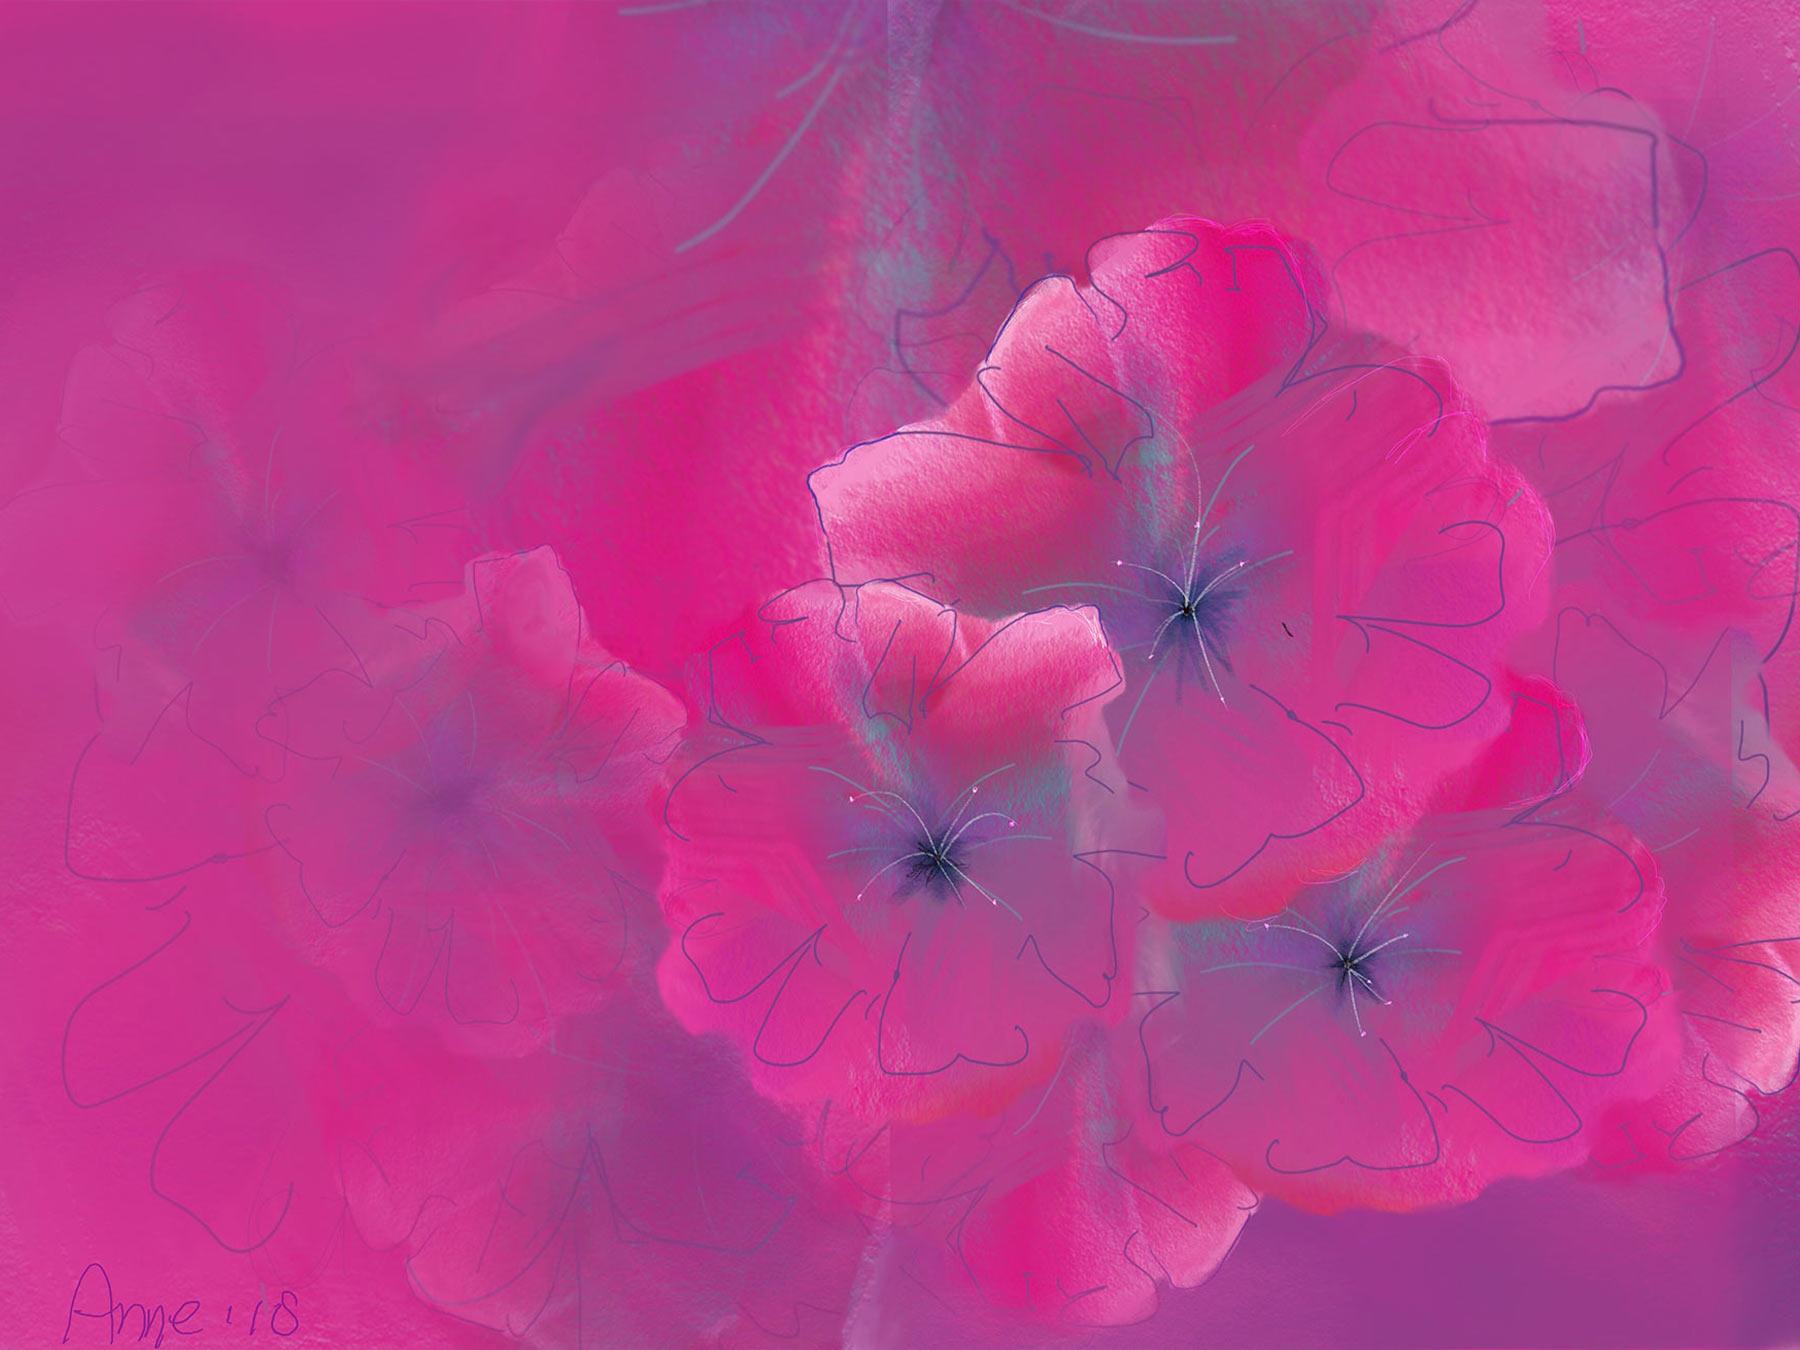 bloemen in magenta roze © Anne-Riet de Boer